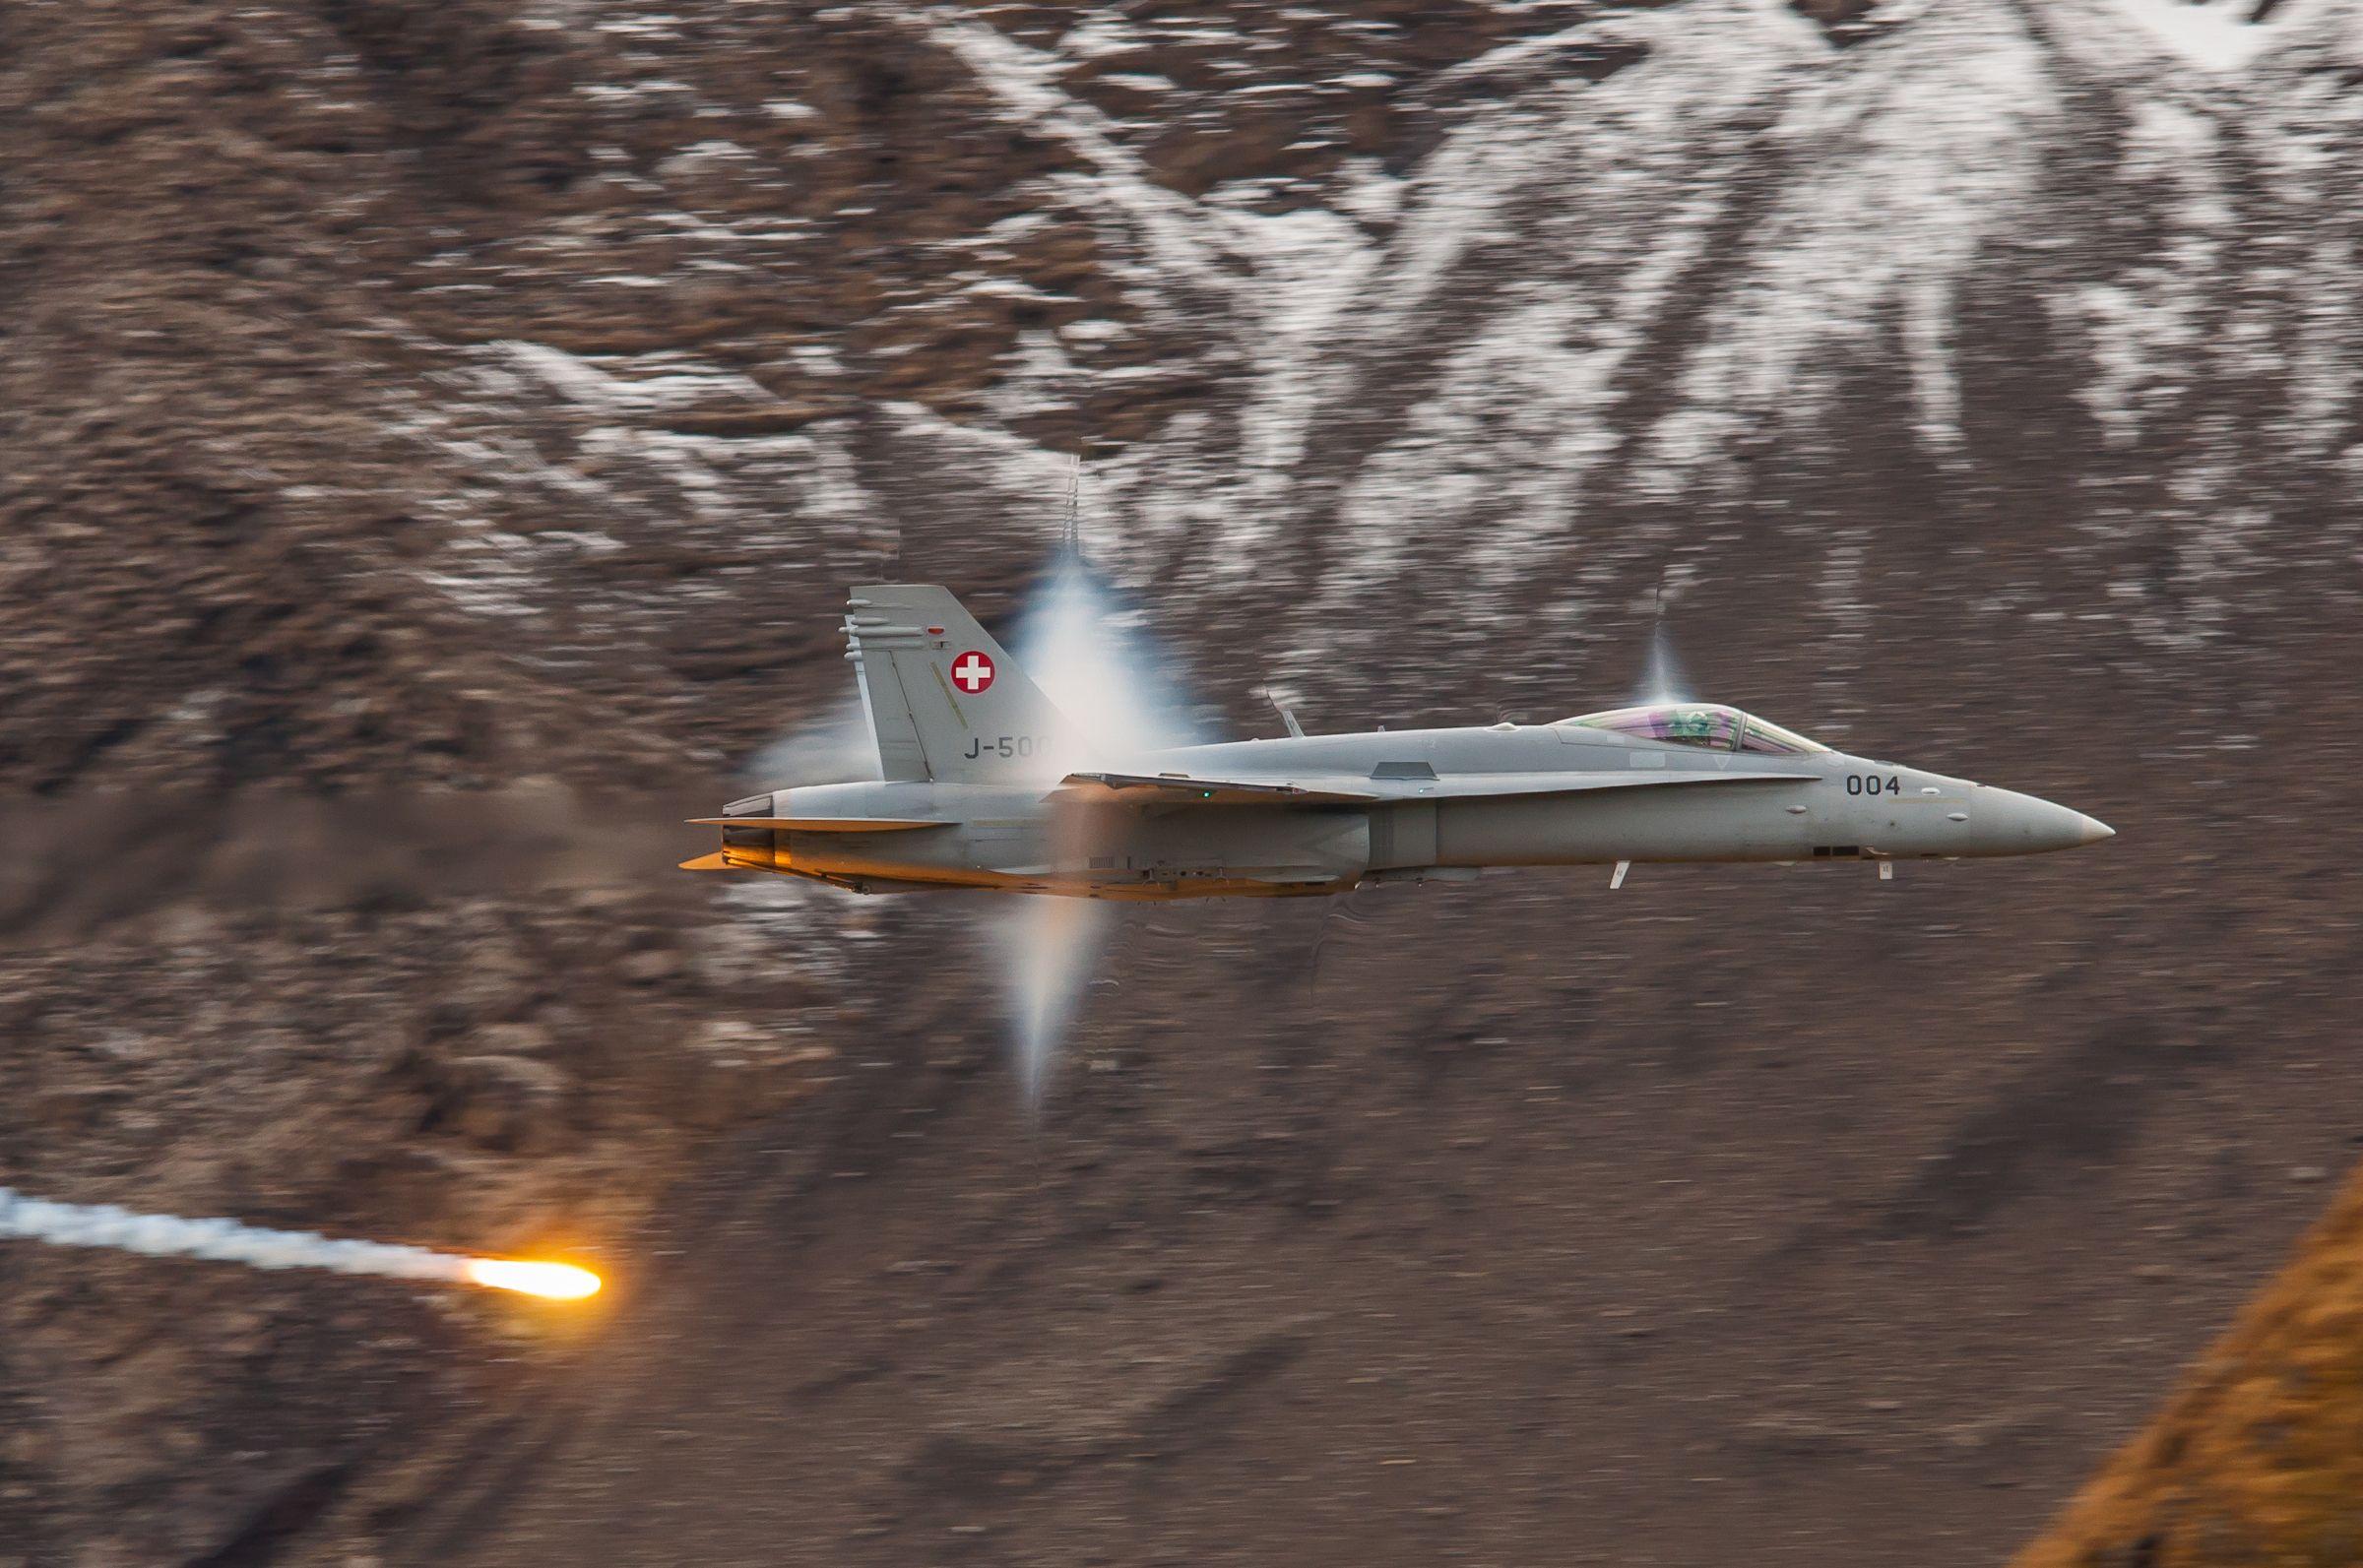 Air force live fire event Axalp 2012 - 10-11 Oct 2012 - Pagina 2 0001107